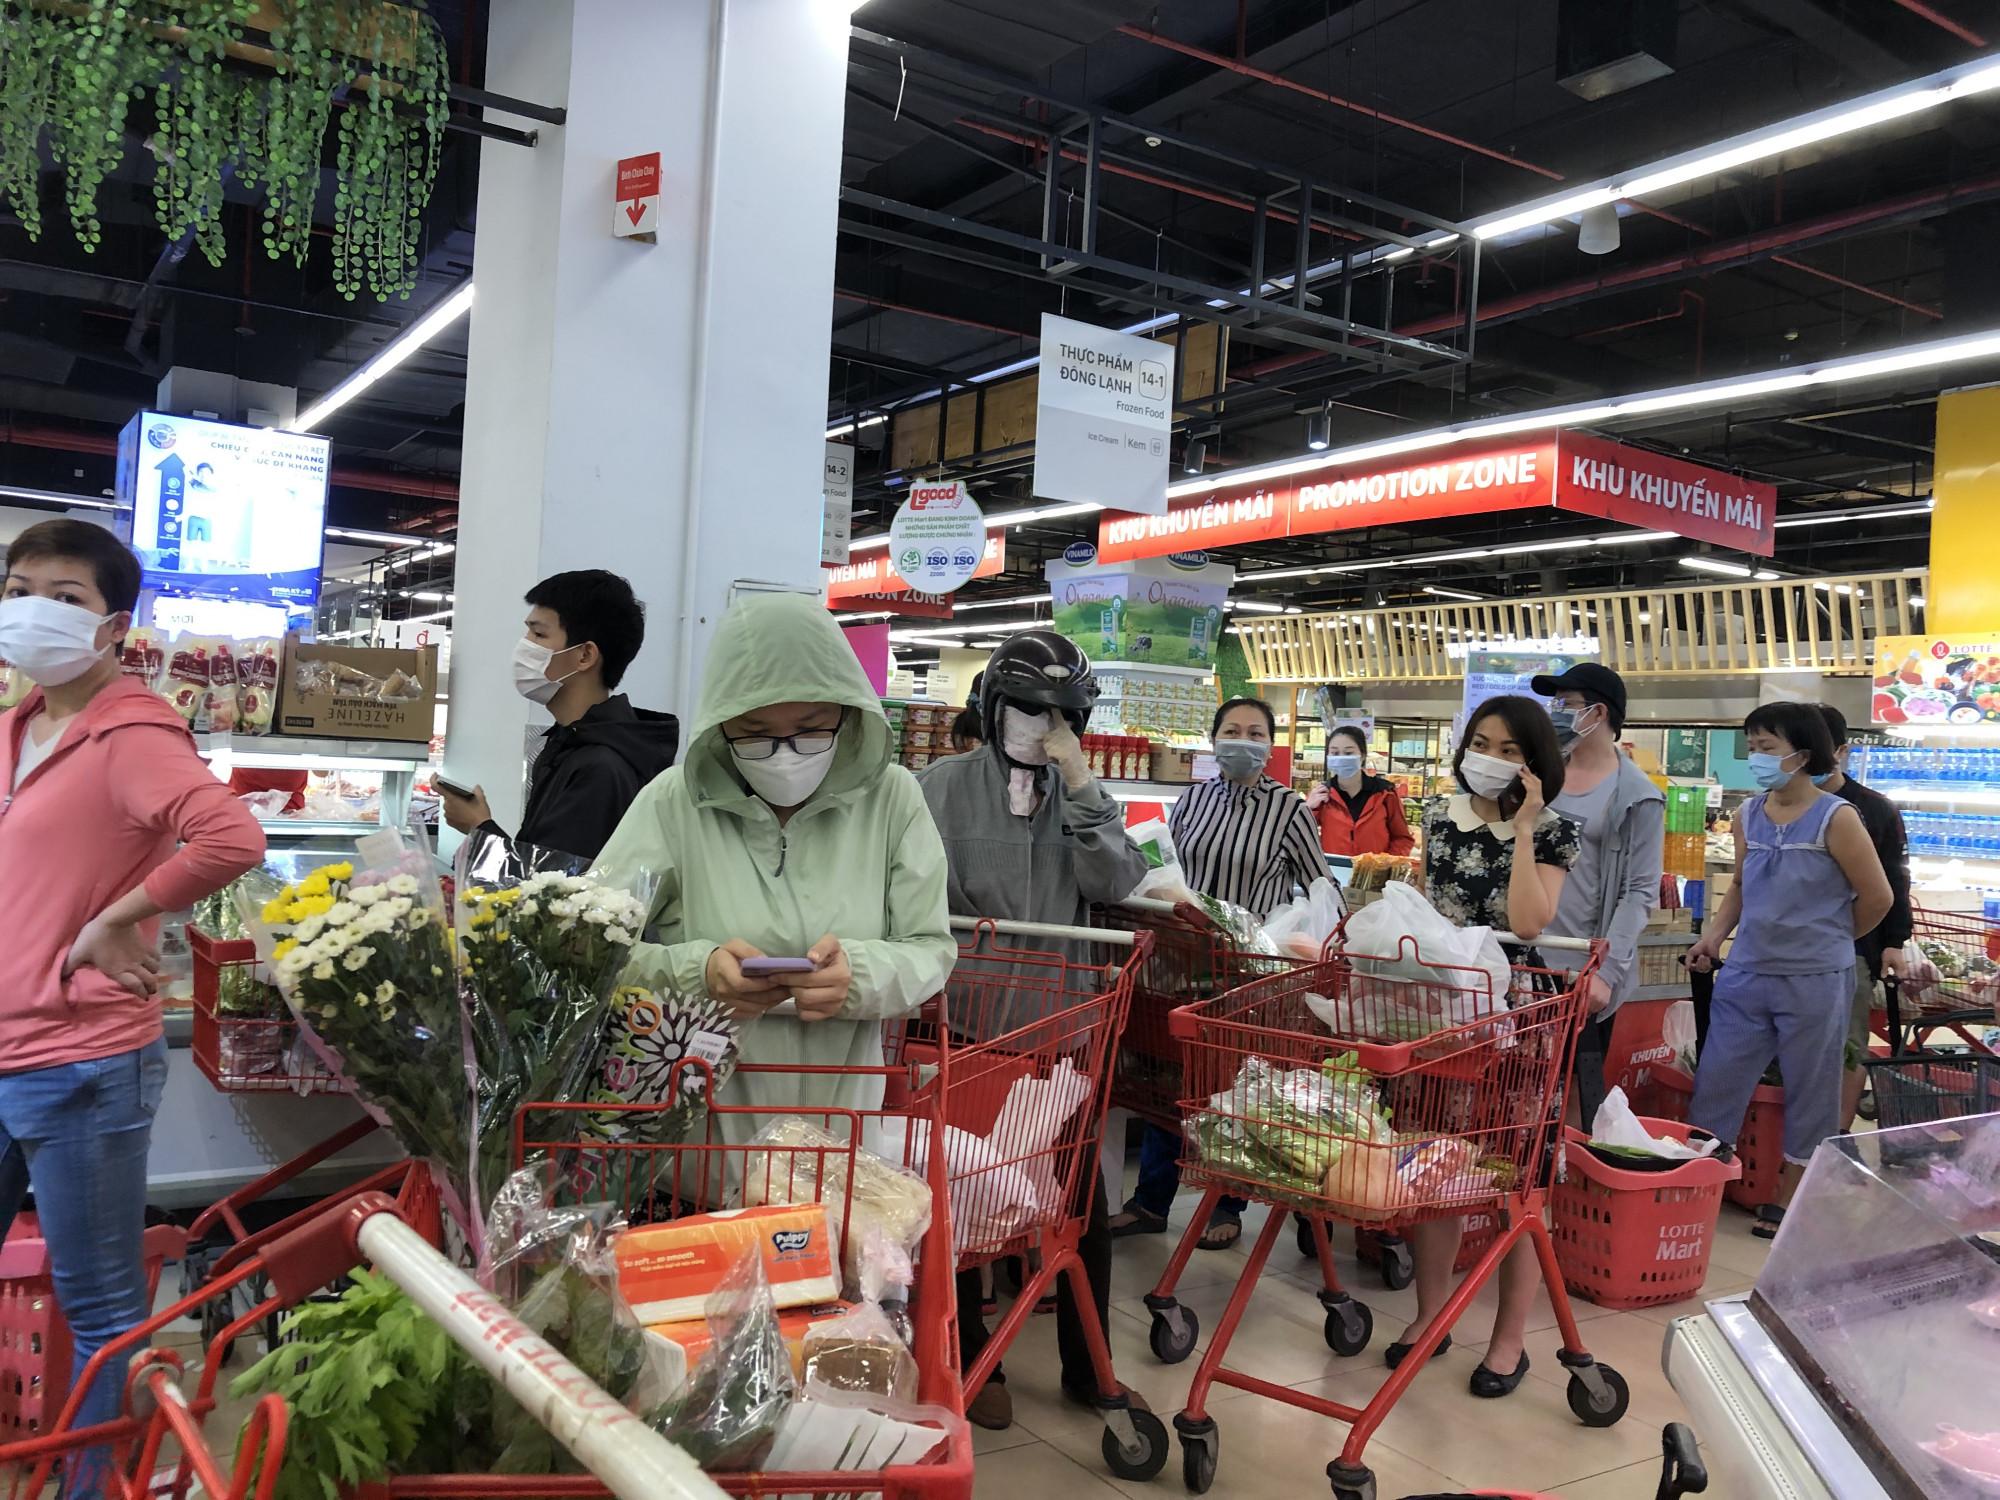 Đây  là lượng khách đang chờ để cân rau  củ, trái  cây